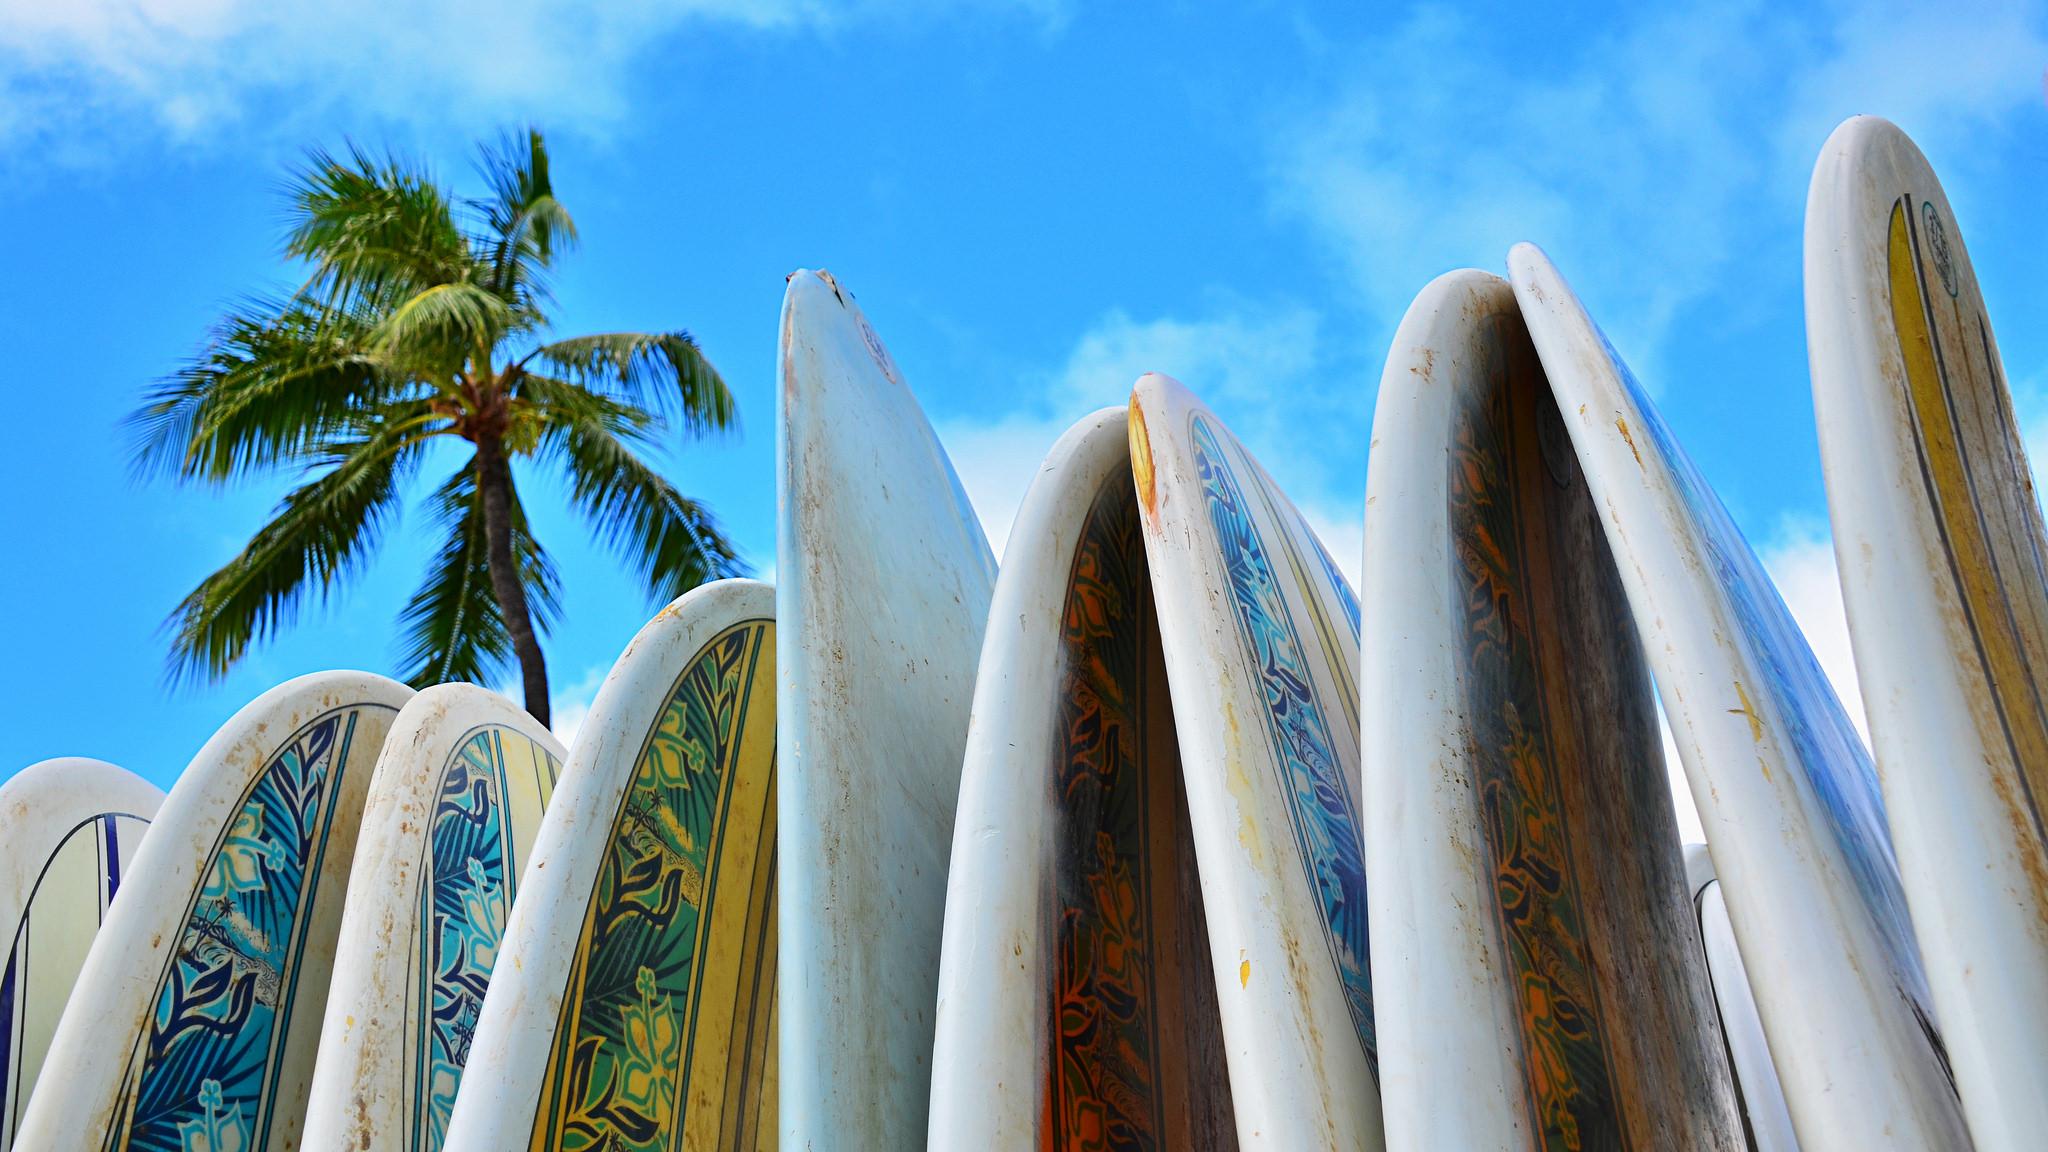 plusieurs planches de surf collées les unes aux autres